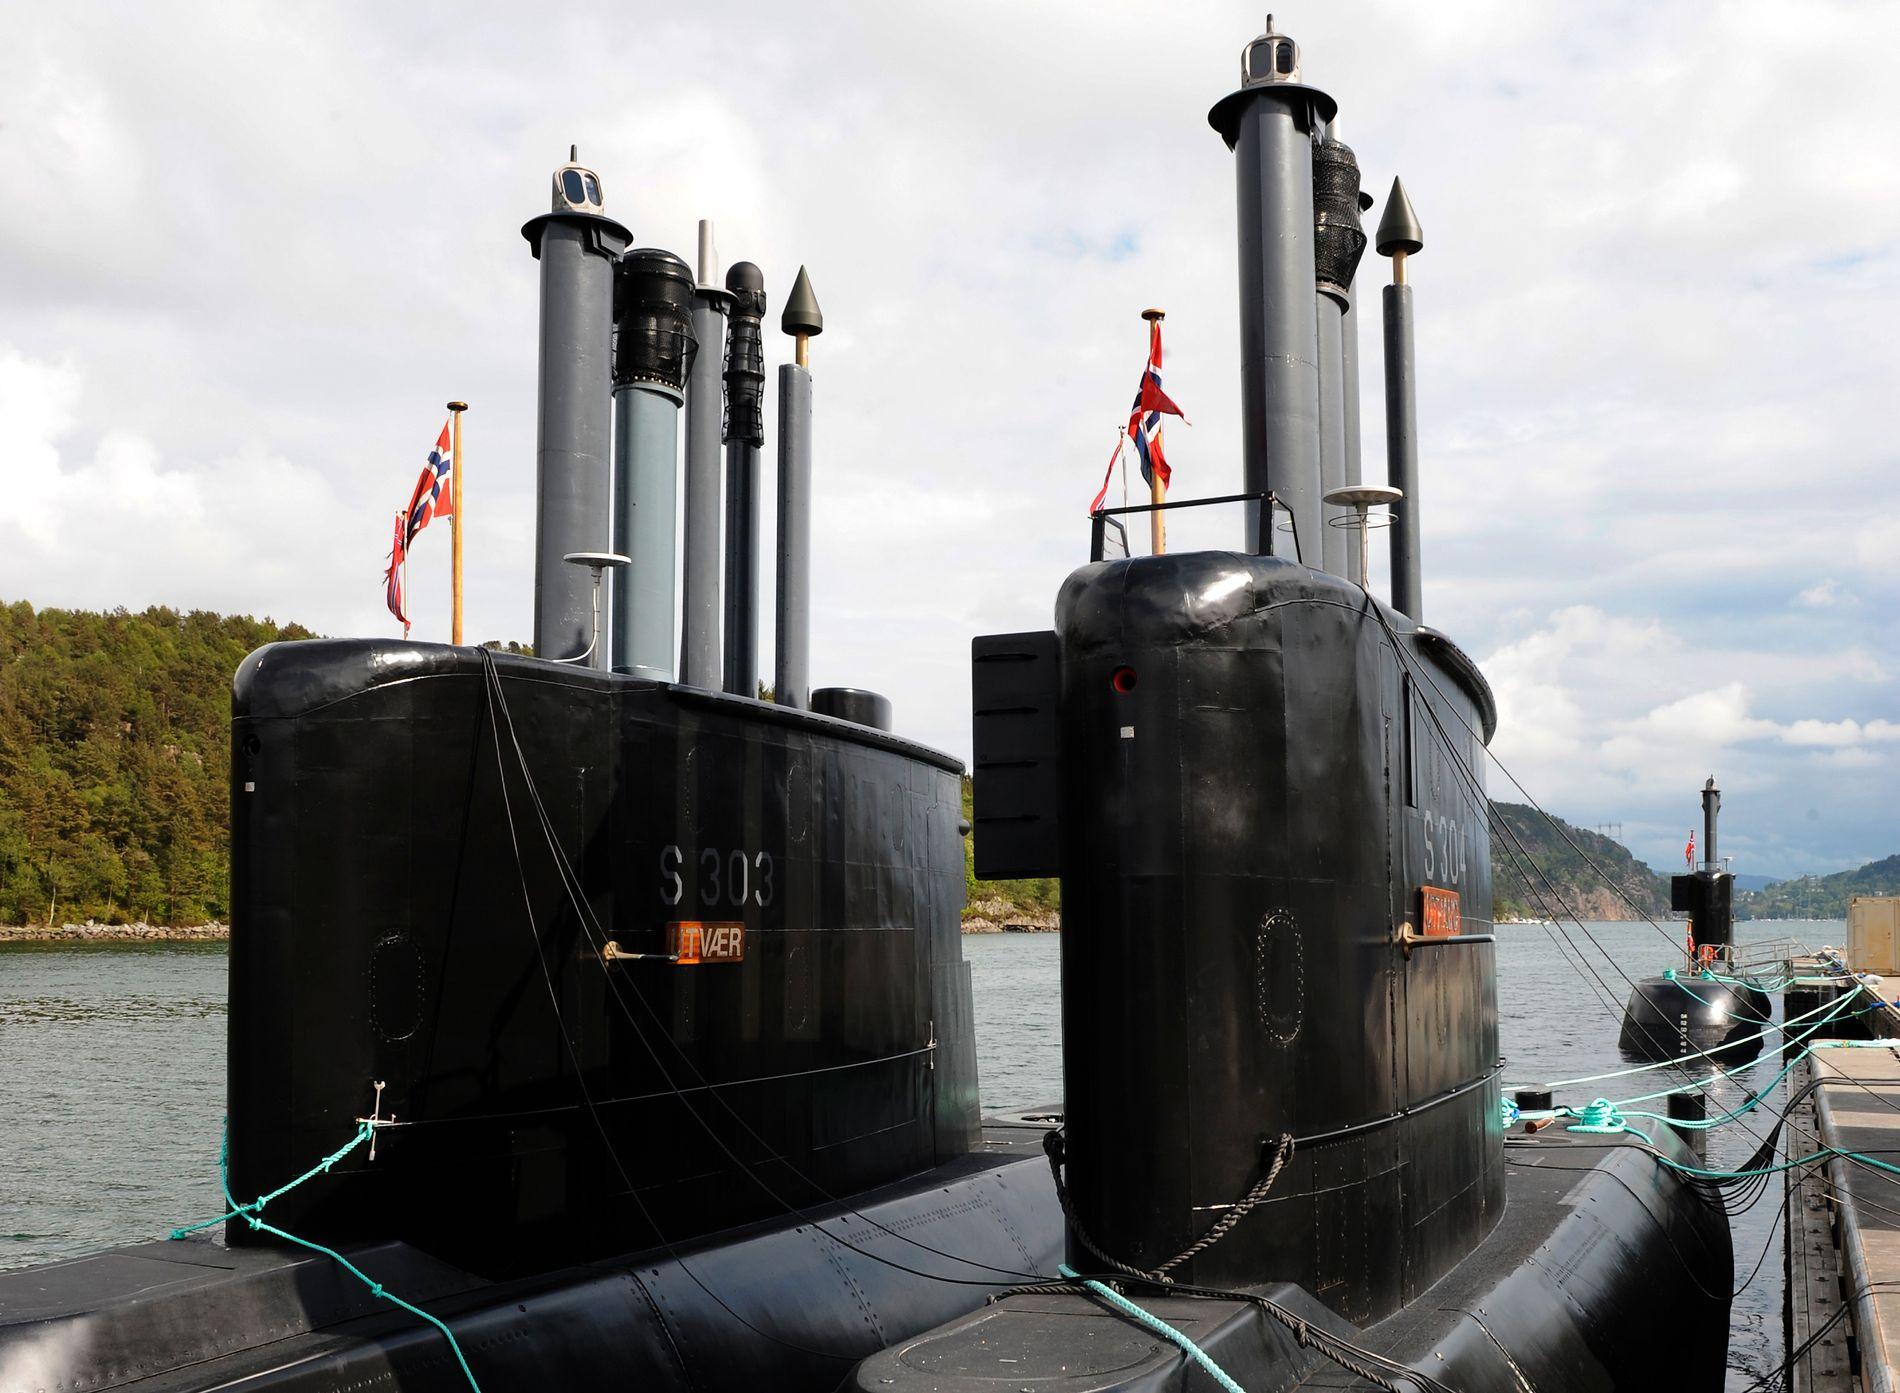 ULA-KLASSEN GOODBYE: Norge har seks ubåter av Ula-klassen, men har bestilt fire nye tyske ubåter av HDW-212-klassen. Fregattforliset kan gjøre at dette tallet økes.